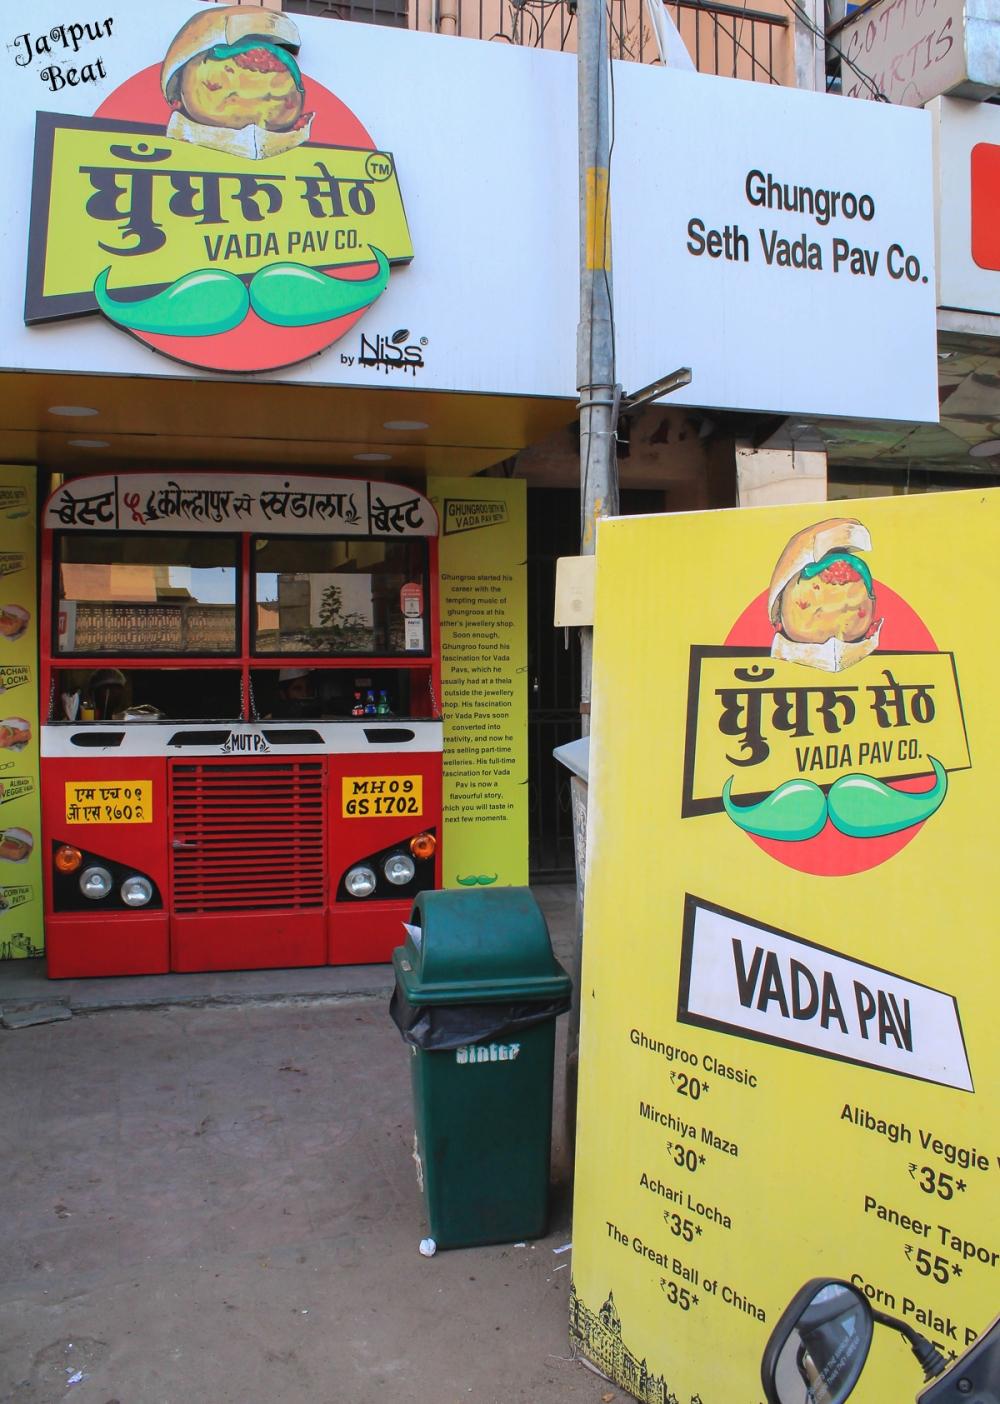 Jaipur Beat Bada Pao 4